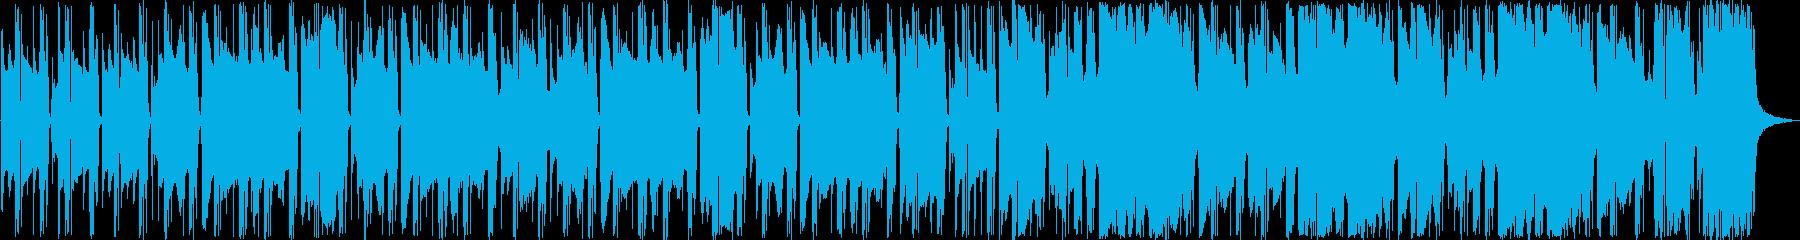 (リバーブ少)小ホール、さわやかな朝の再生済みの波形